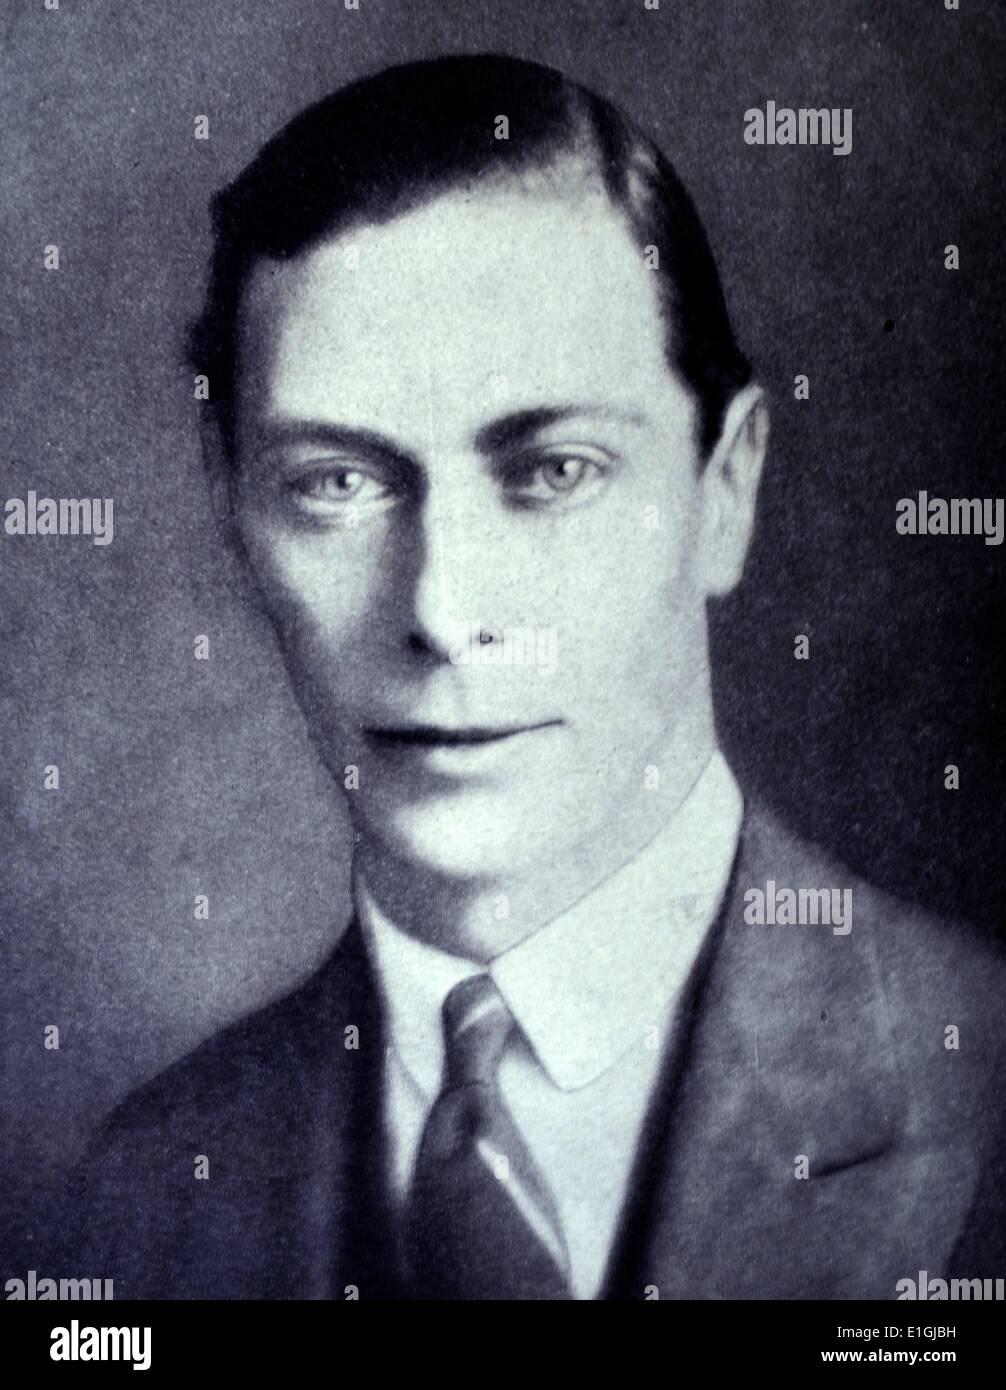 George VI (Albert Frederick Arthur George; 14 Dicembre 1895 - 6 febbraio 1952) era il re del Regno Unito e i domini Immagini Stock